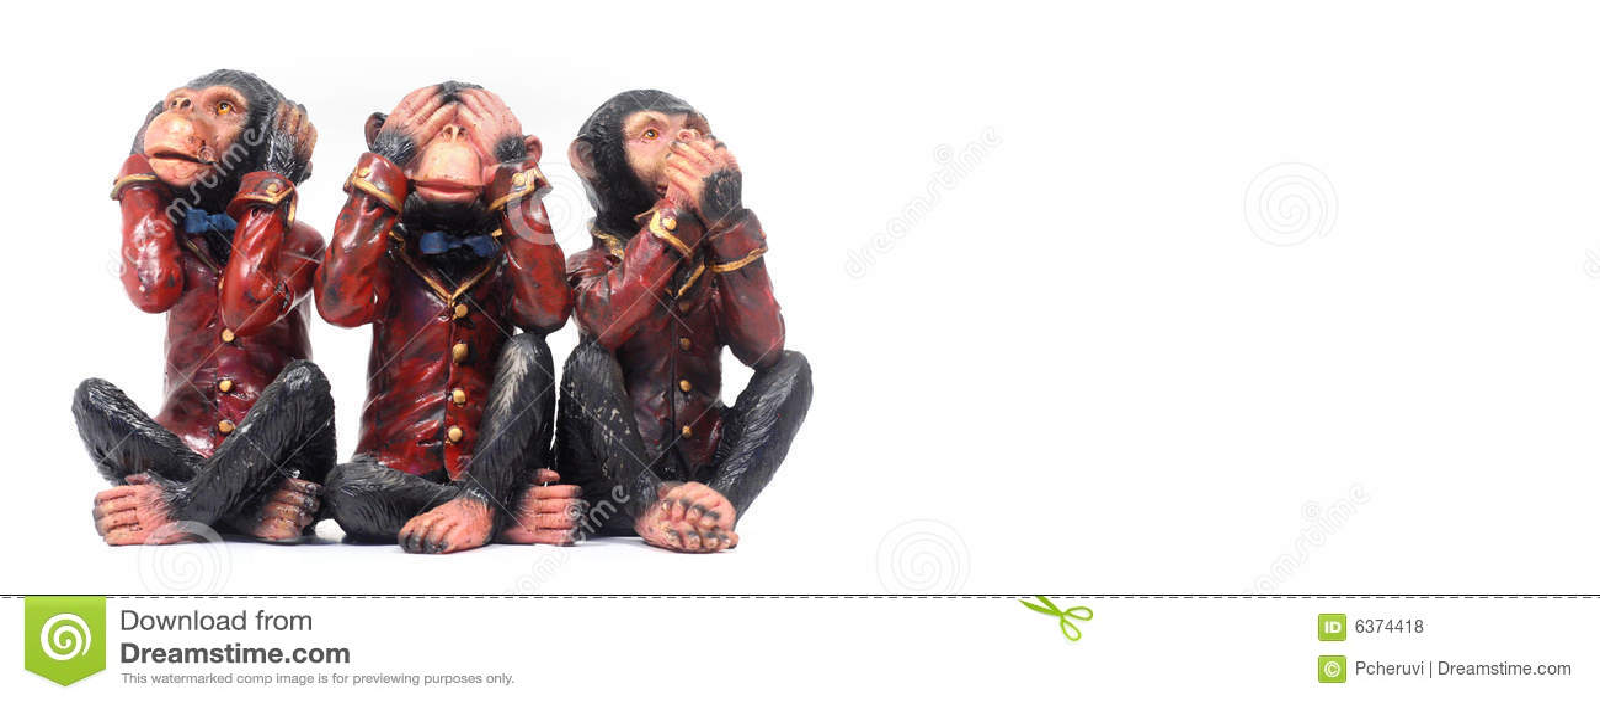 Concept de 3 singes